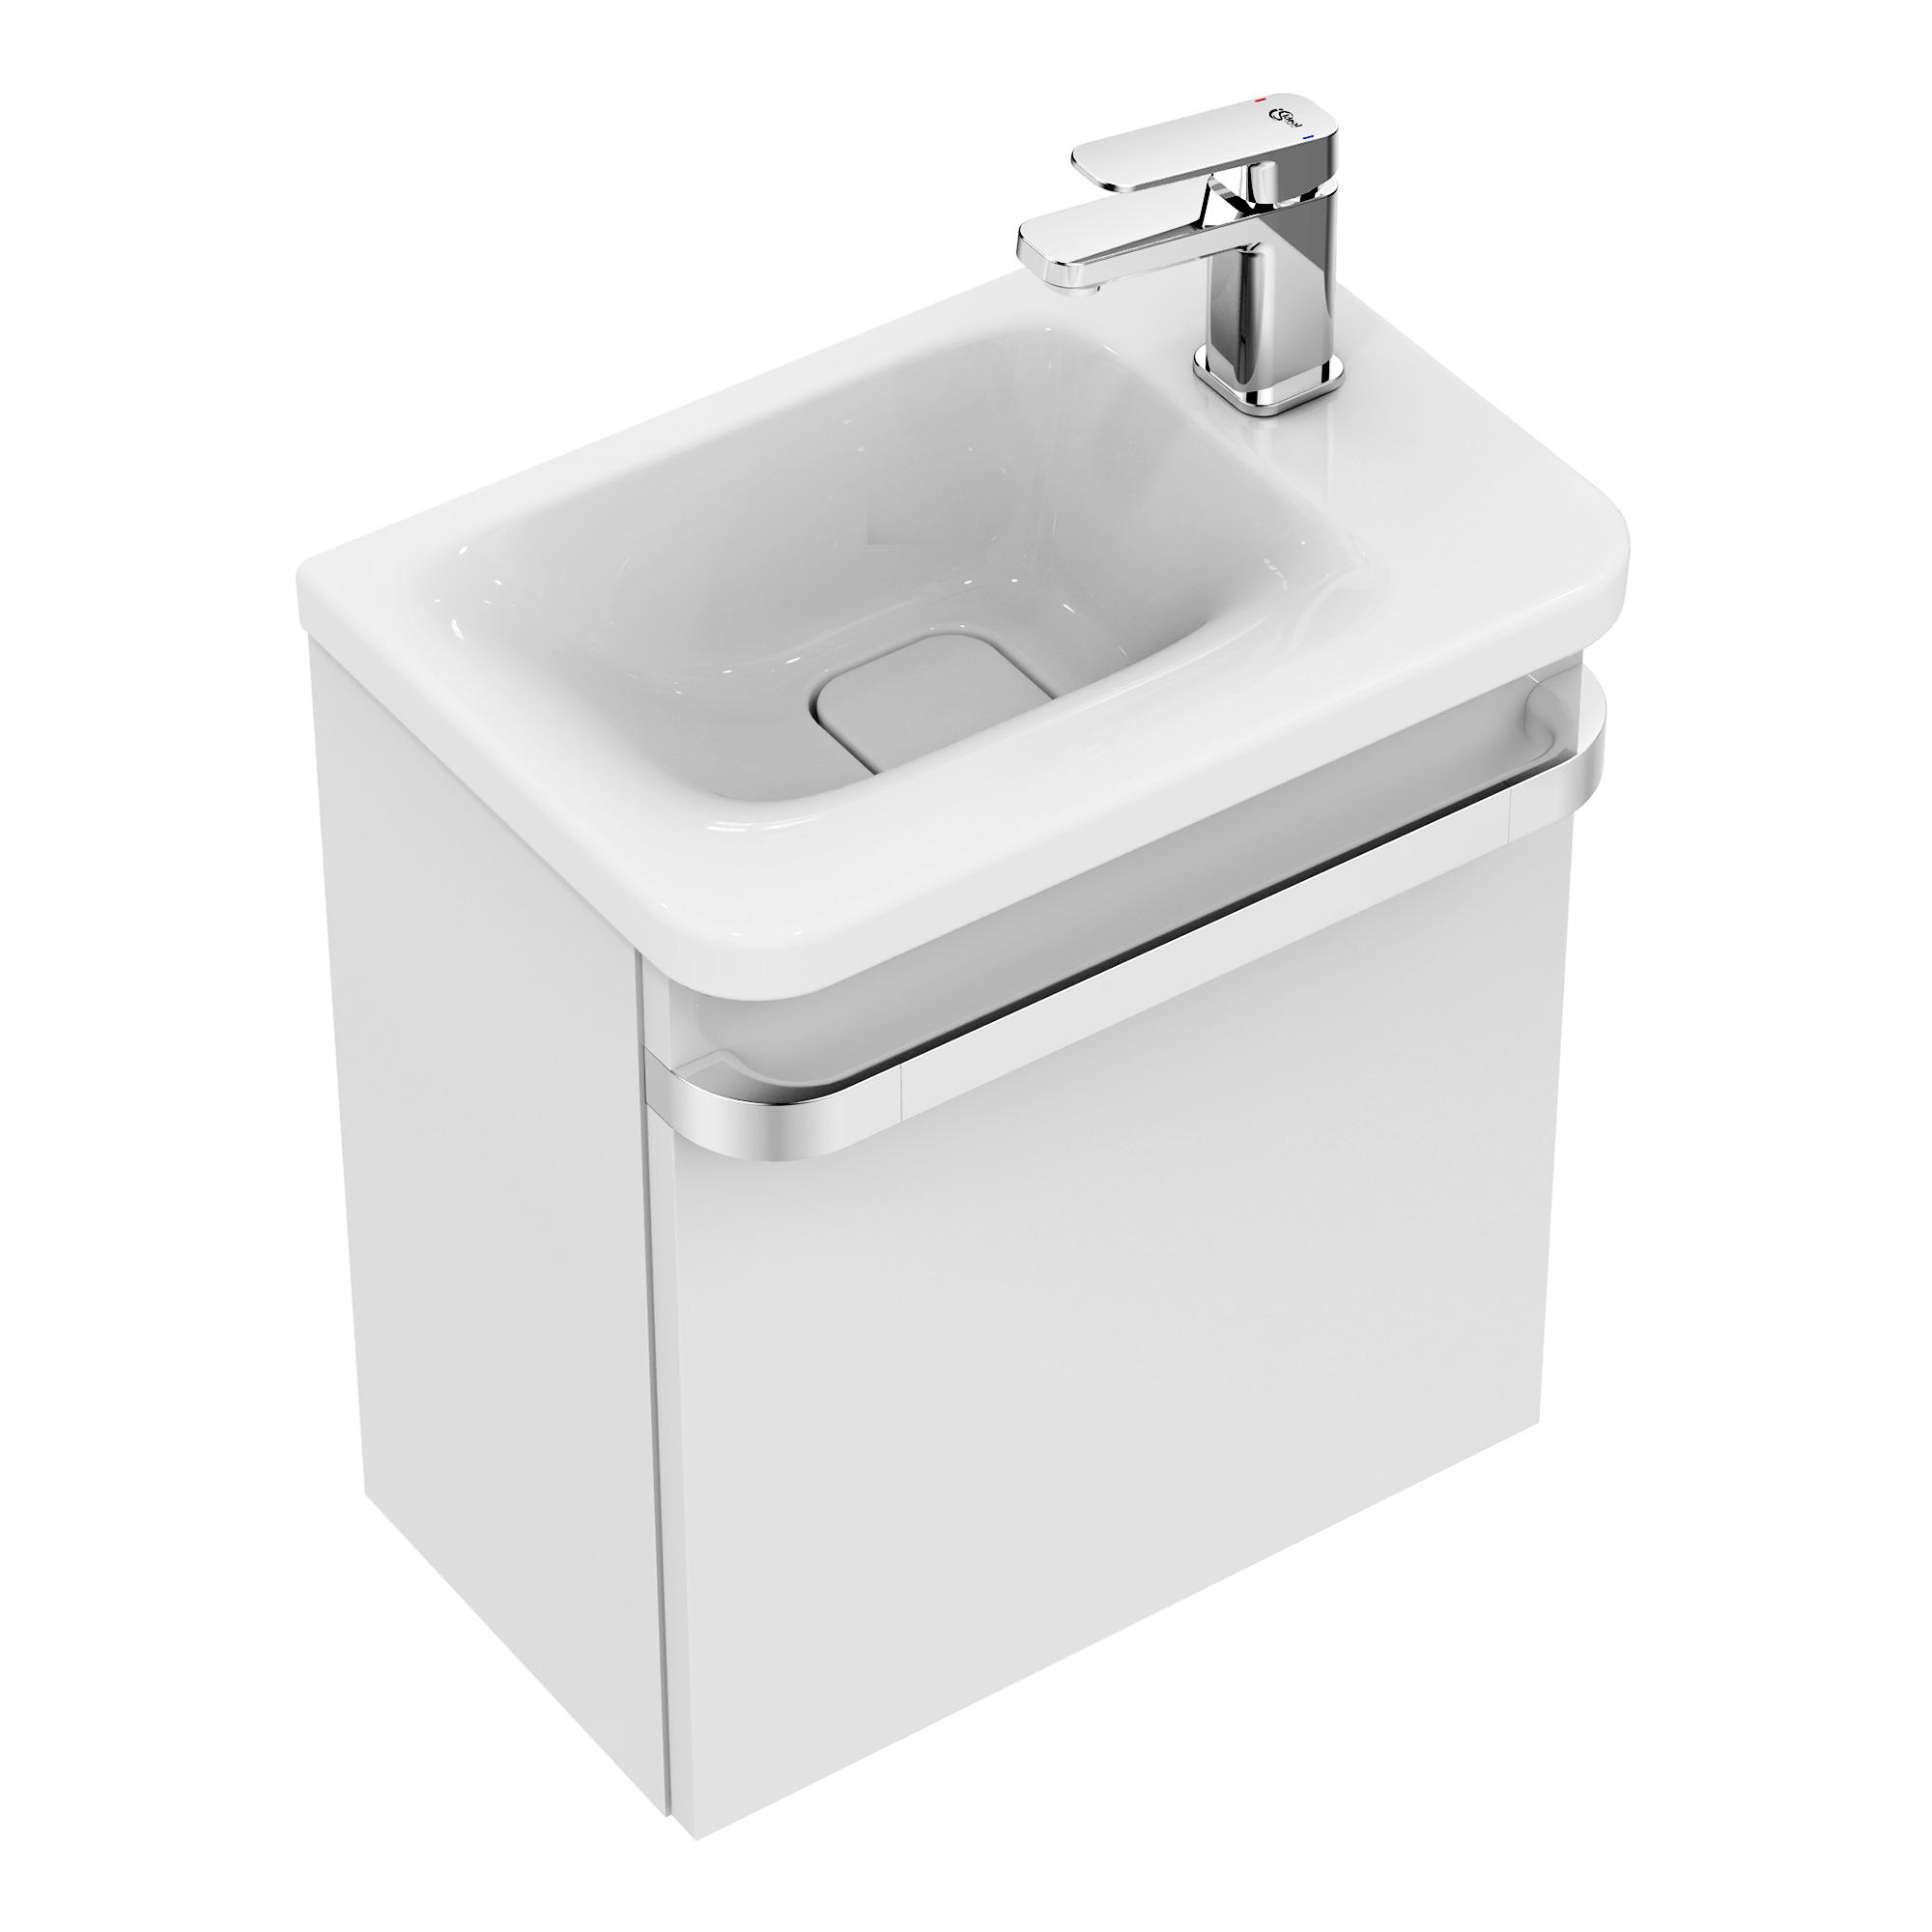 ideal standard tonic ii waschtisch unterschrank 45 cm f r handwaschbecken ablage rechts front. Black Bedroom Furniture Sets. Home Design Ideas